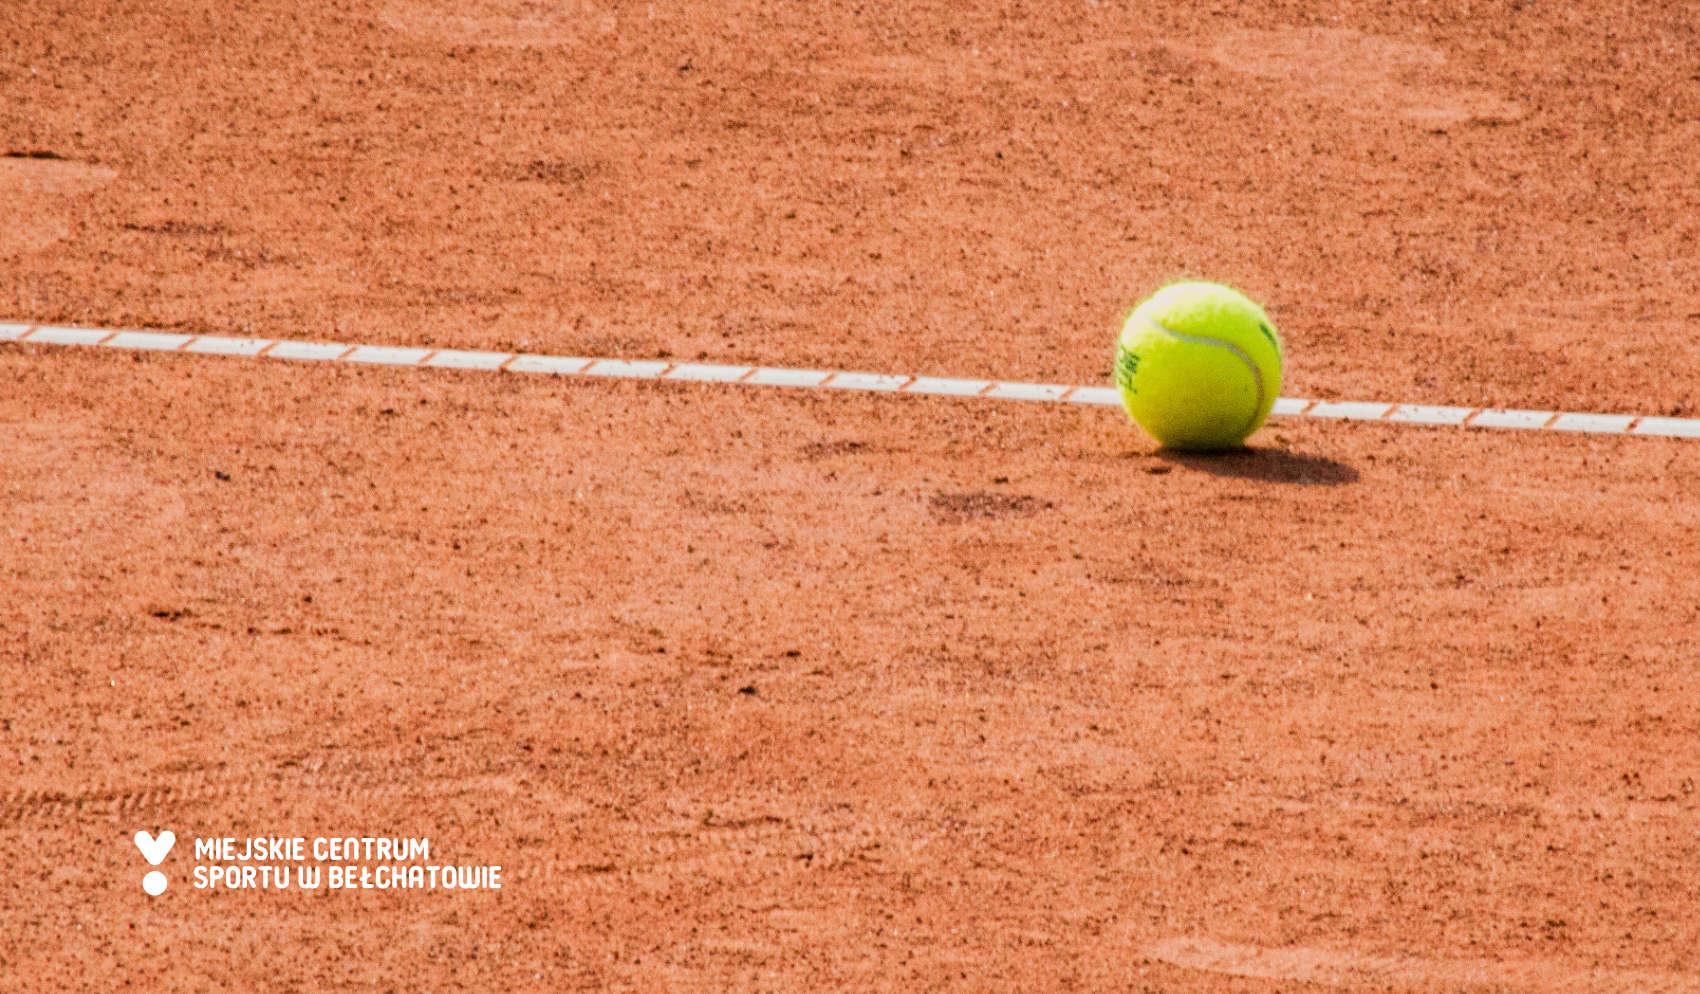 grafika przedstawia piłkę do tenisa ziemnego leżąca na korcie tenisowym